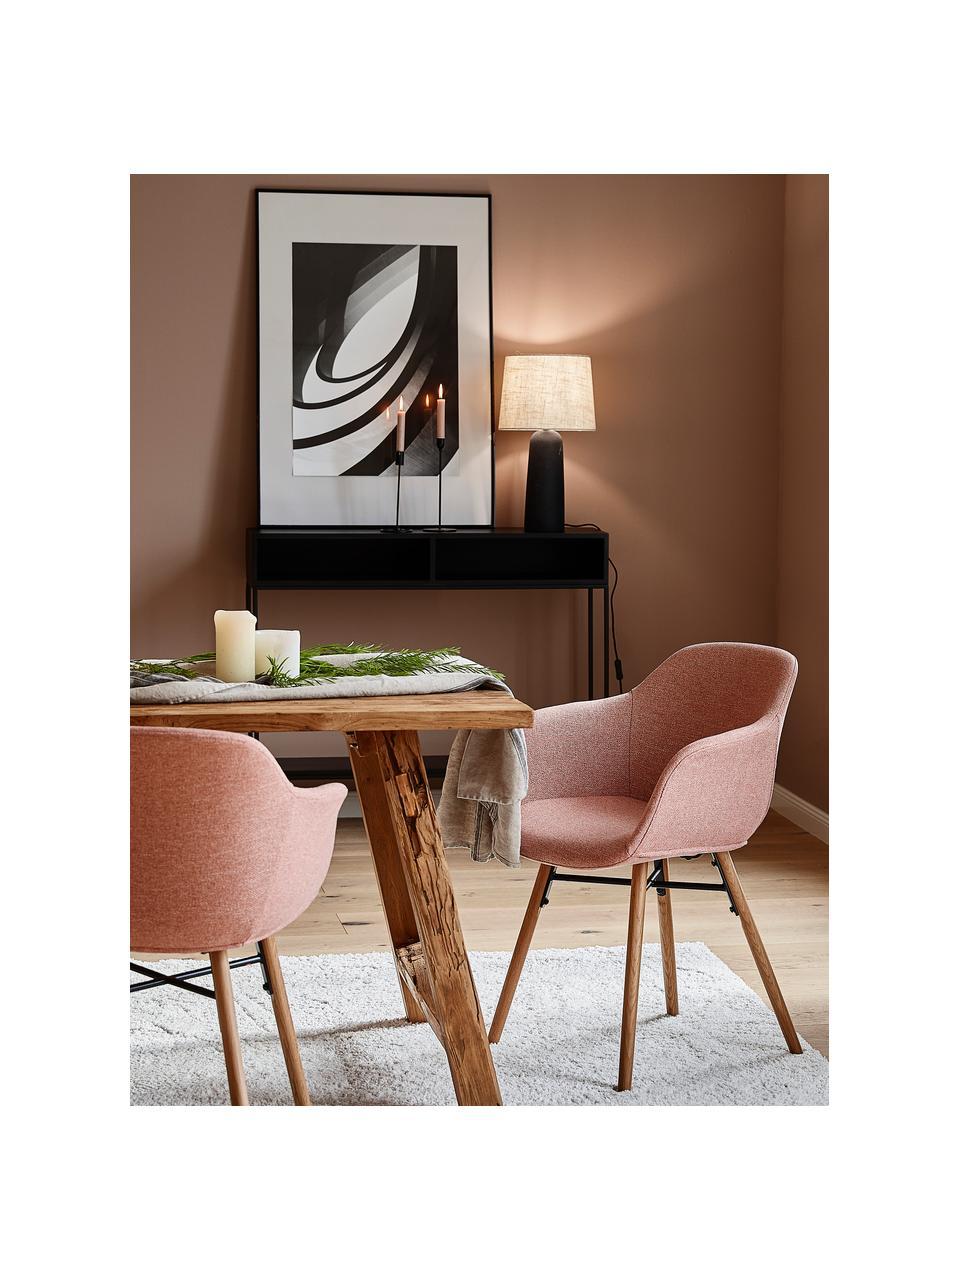 Armlehnstuhl Fiji mit Holzbeinen, Bezug: Polyester Der hochwertige, Beine: Massives Eichenholz, Webstoff Rosa, Eichenholz, B 59 x T 55 cm